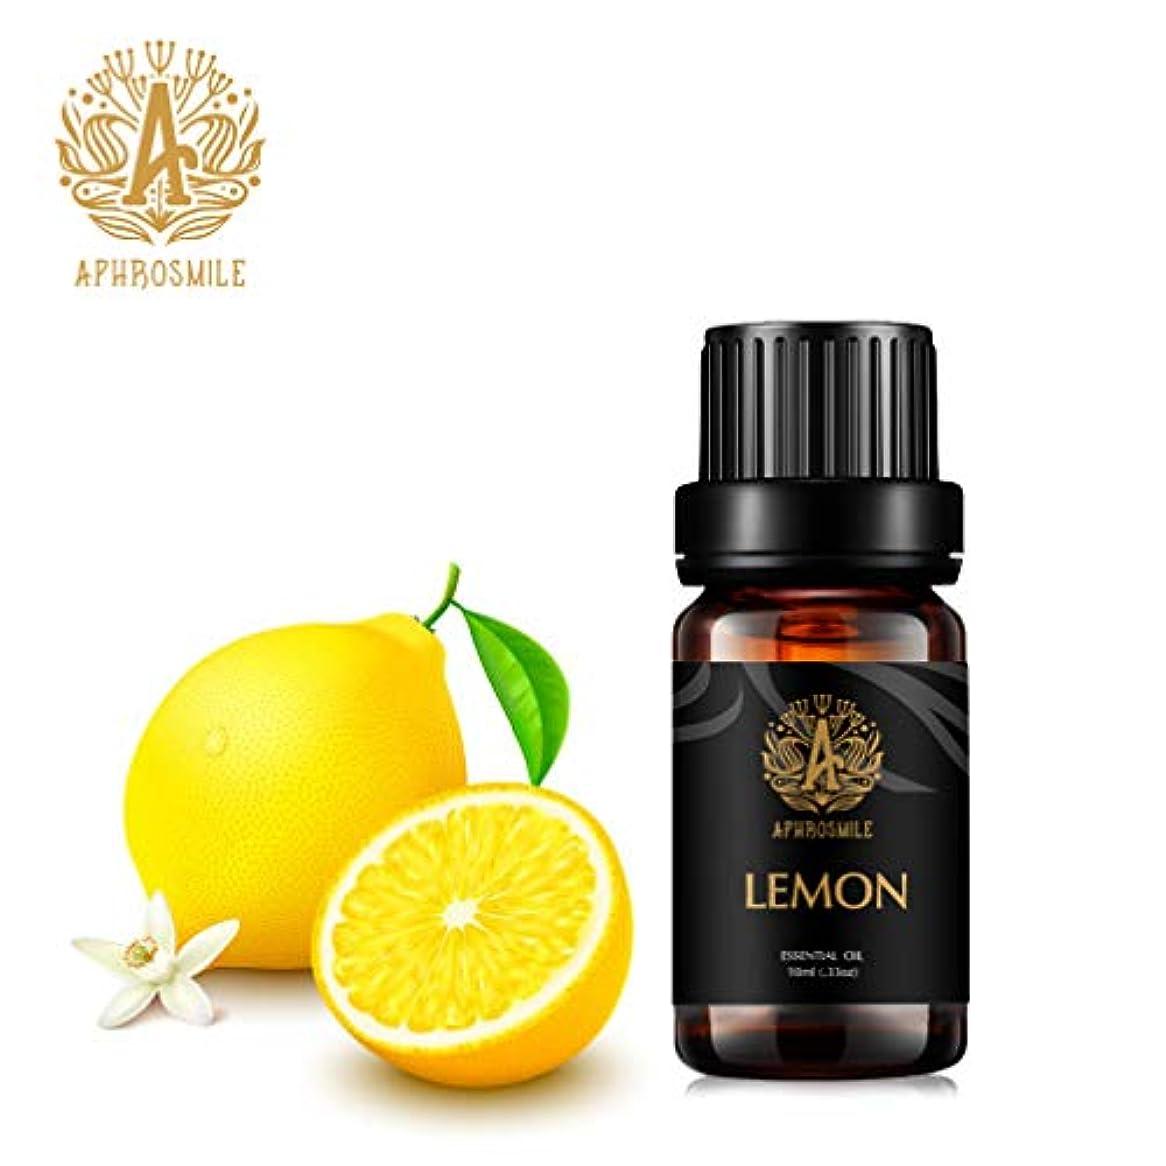 兵隊聖なる縮約レモン精油、100%純粋なアロマセラピーエッセンシャルオイルレモンの香り、クレンジングとし、空気を浄化します、治療用グレードエッセンシャルオイルレモンの香り為にディフューザー、マッサージ、加湿器、デイリーケア、0.33オンス...